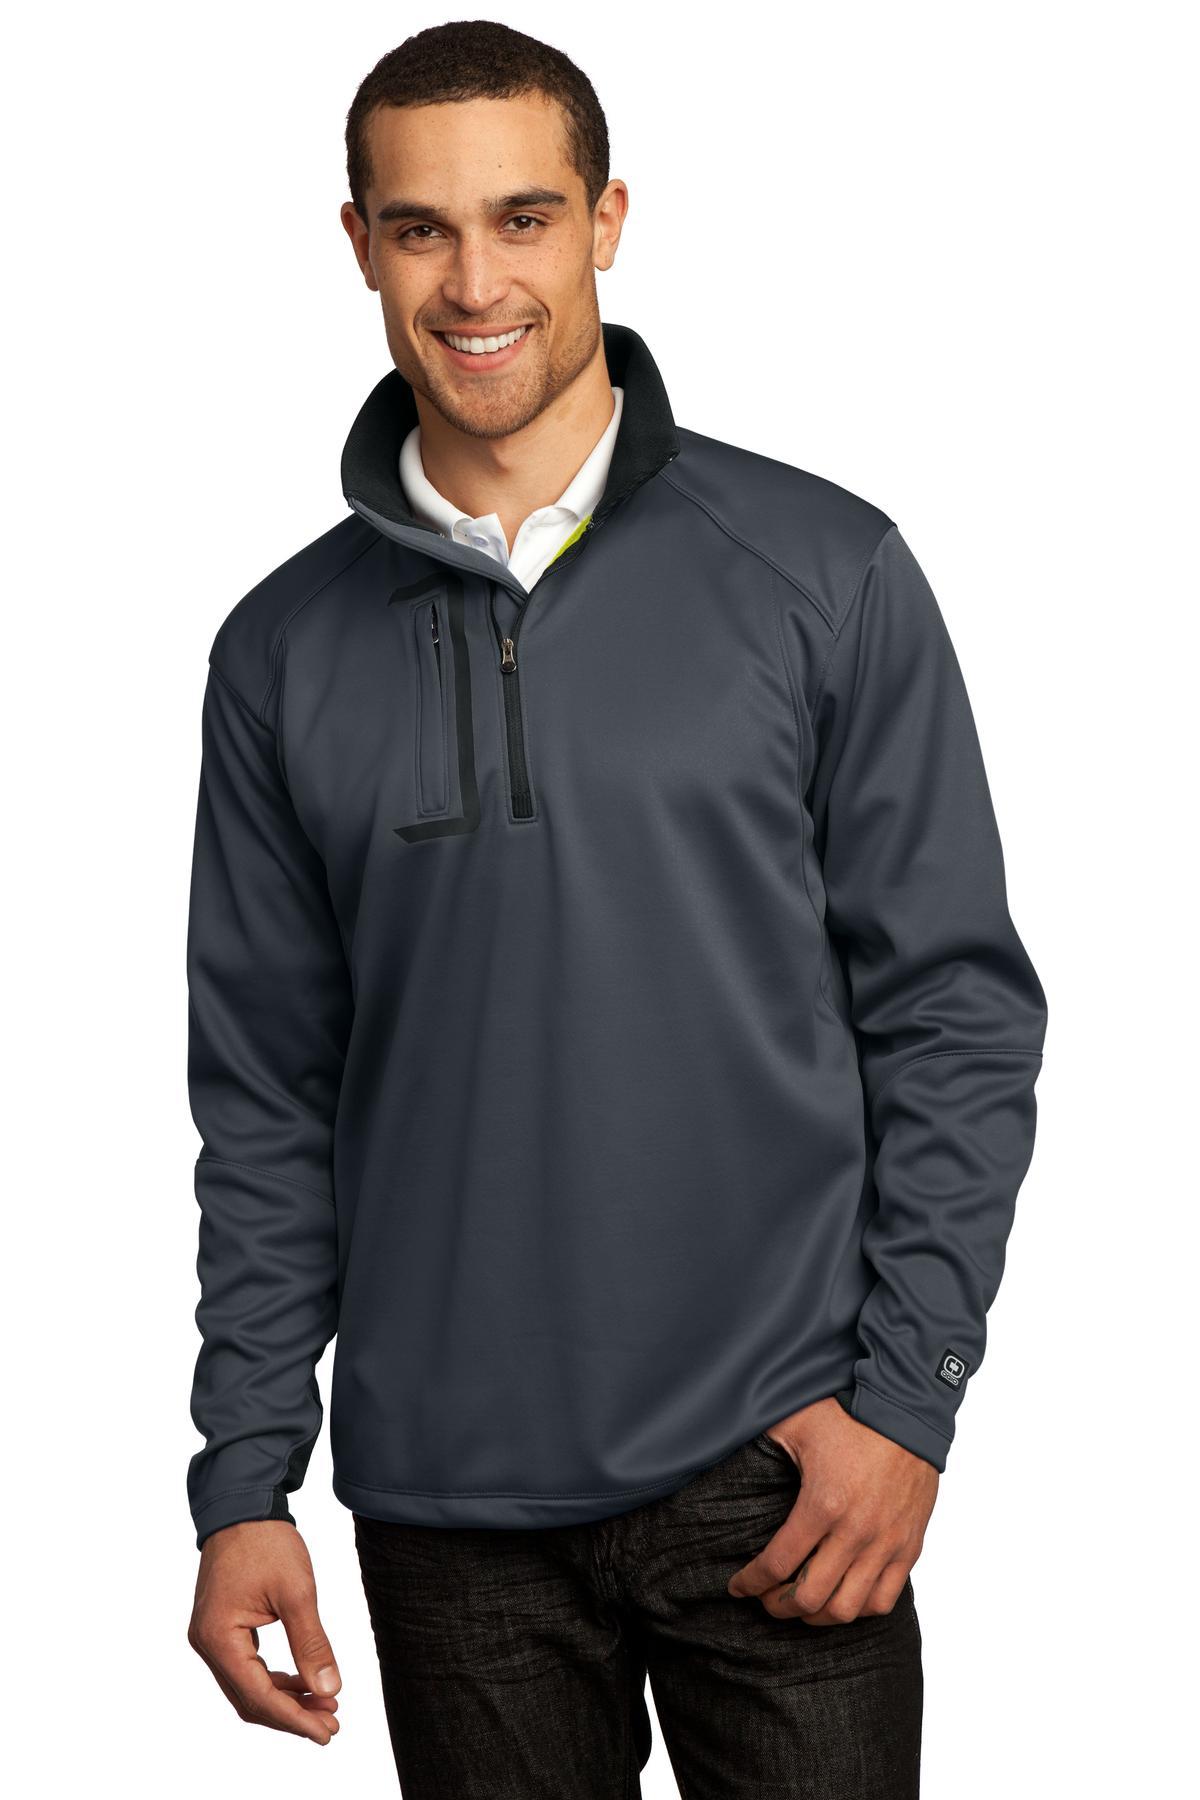 Outerwear-Polyester-Fleece-52